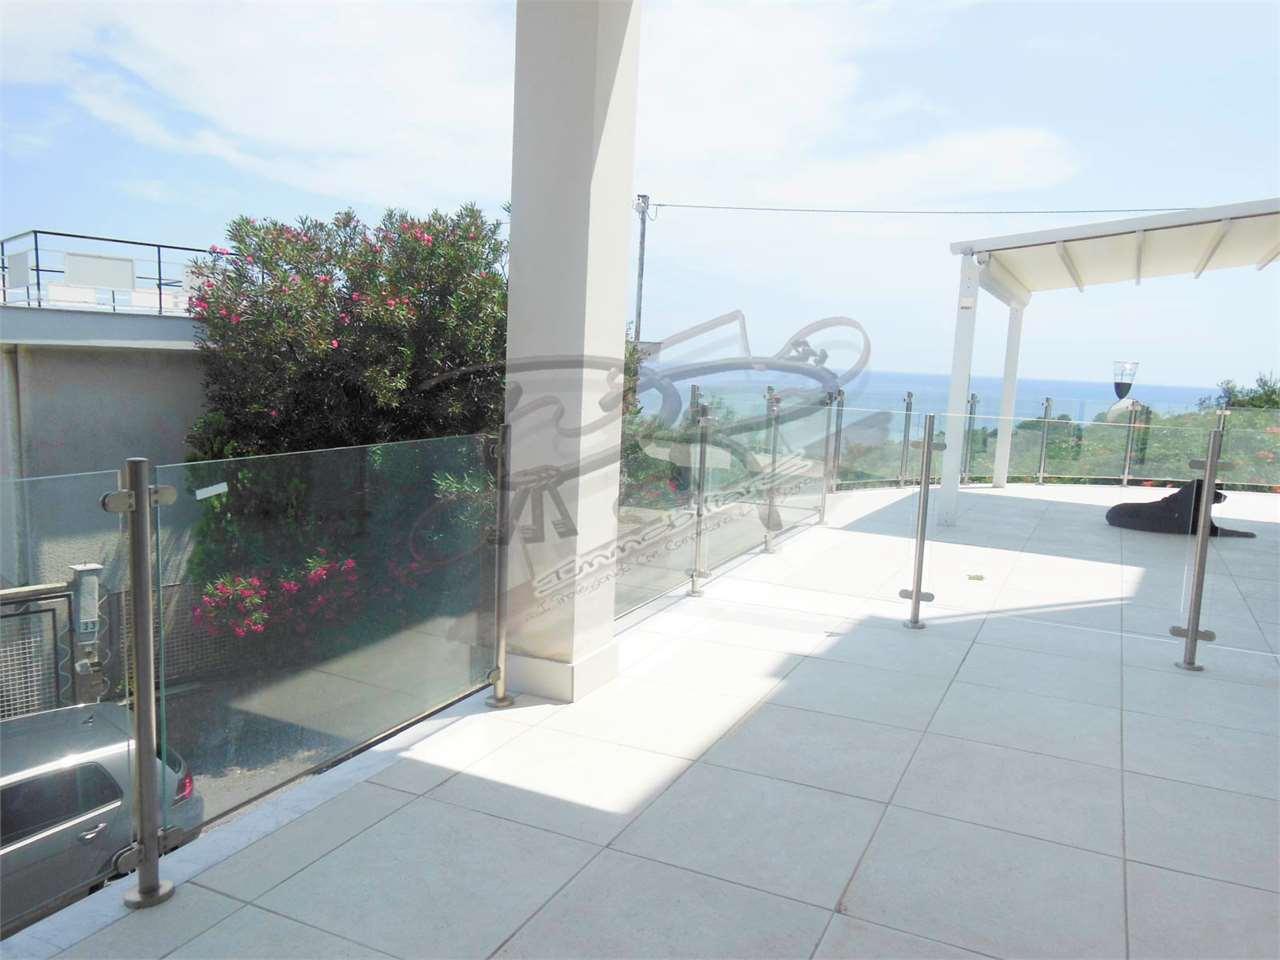 Appartamento in vendita a Albenga, 3 locali, zona Località: vadino, prezzo € 230.000 | PortaleAgenzieImmobiliari.it